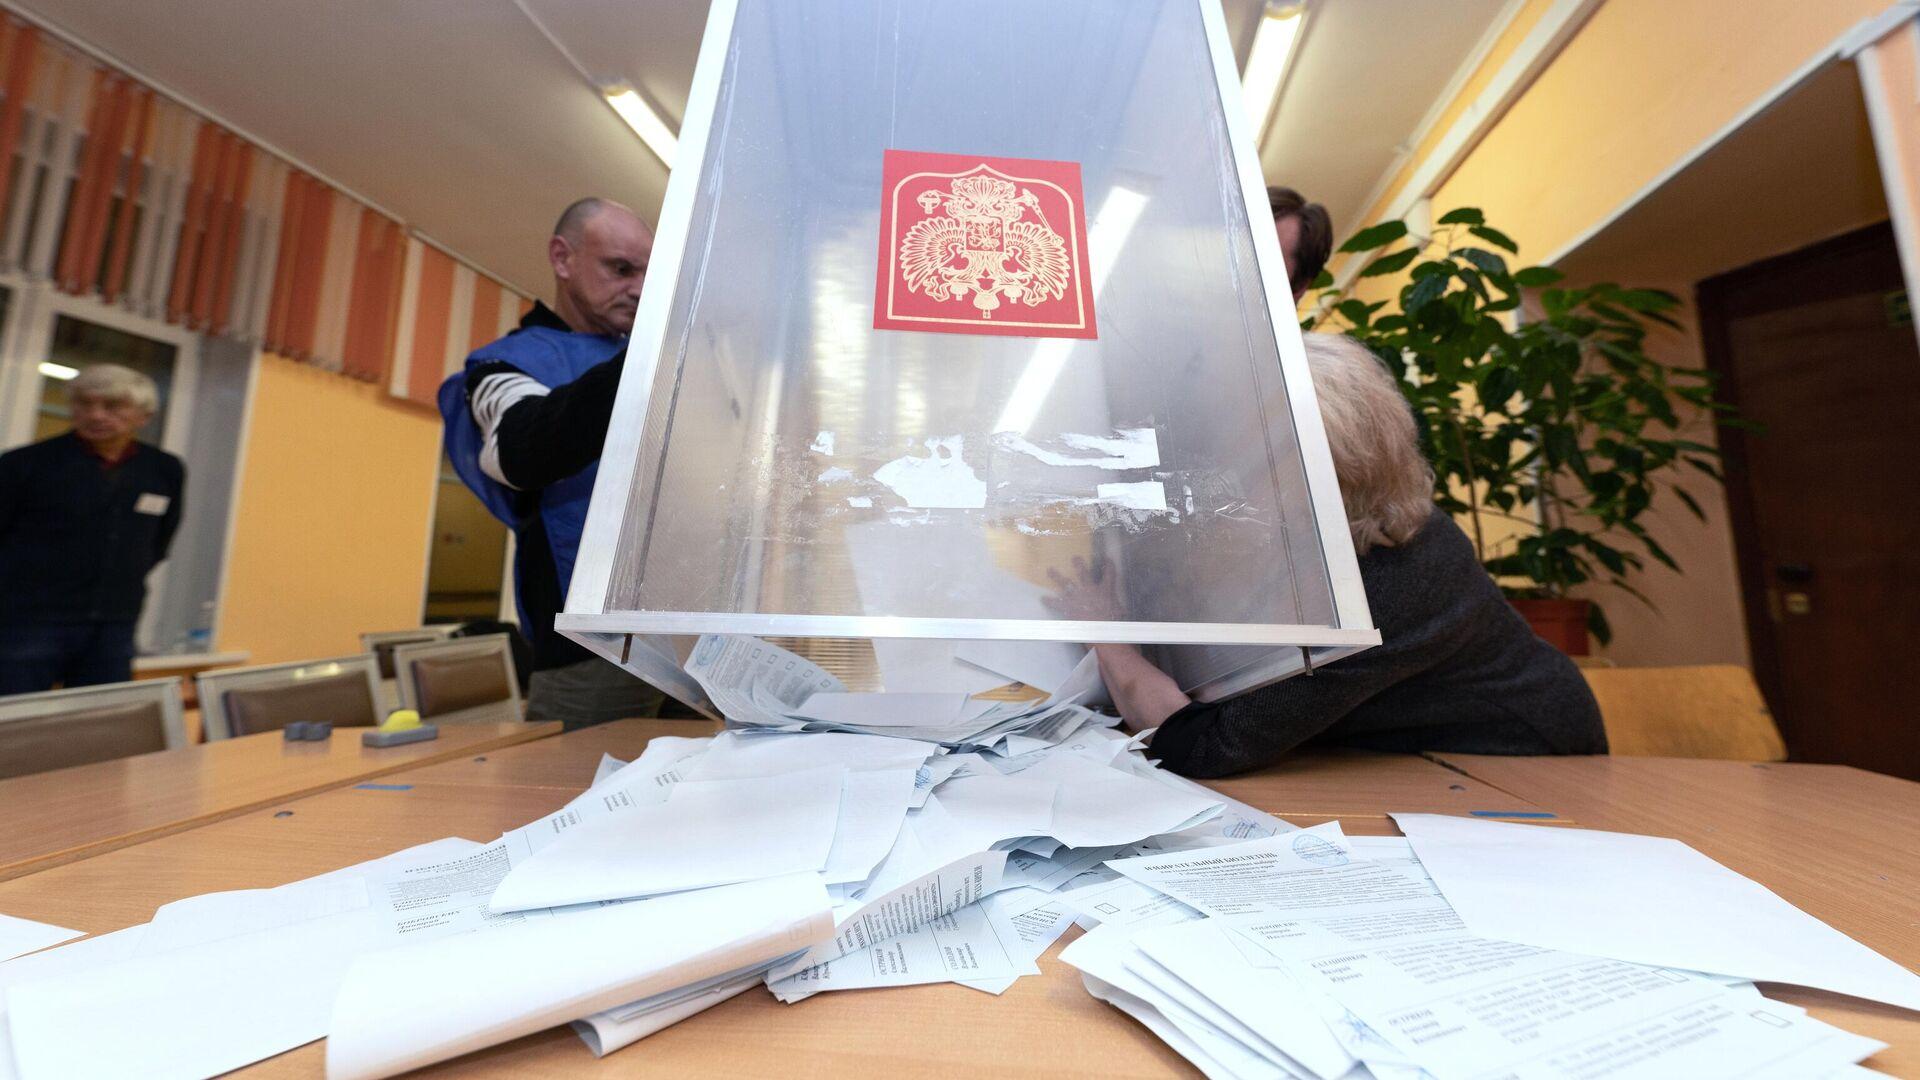 Подcчет голосов на выборах в единый день голосования - РИА Новости, 1920, 13.09.2020